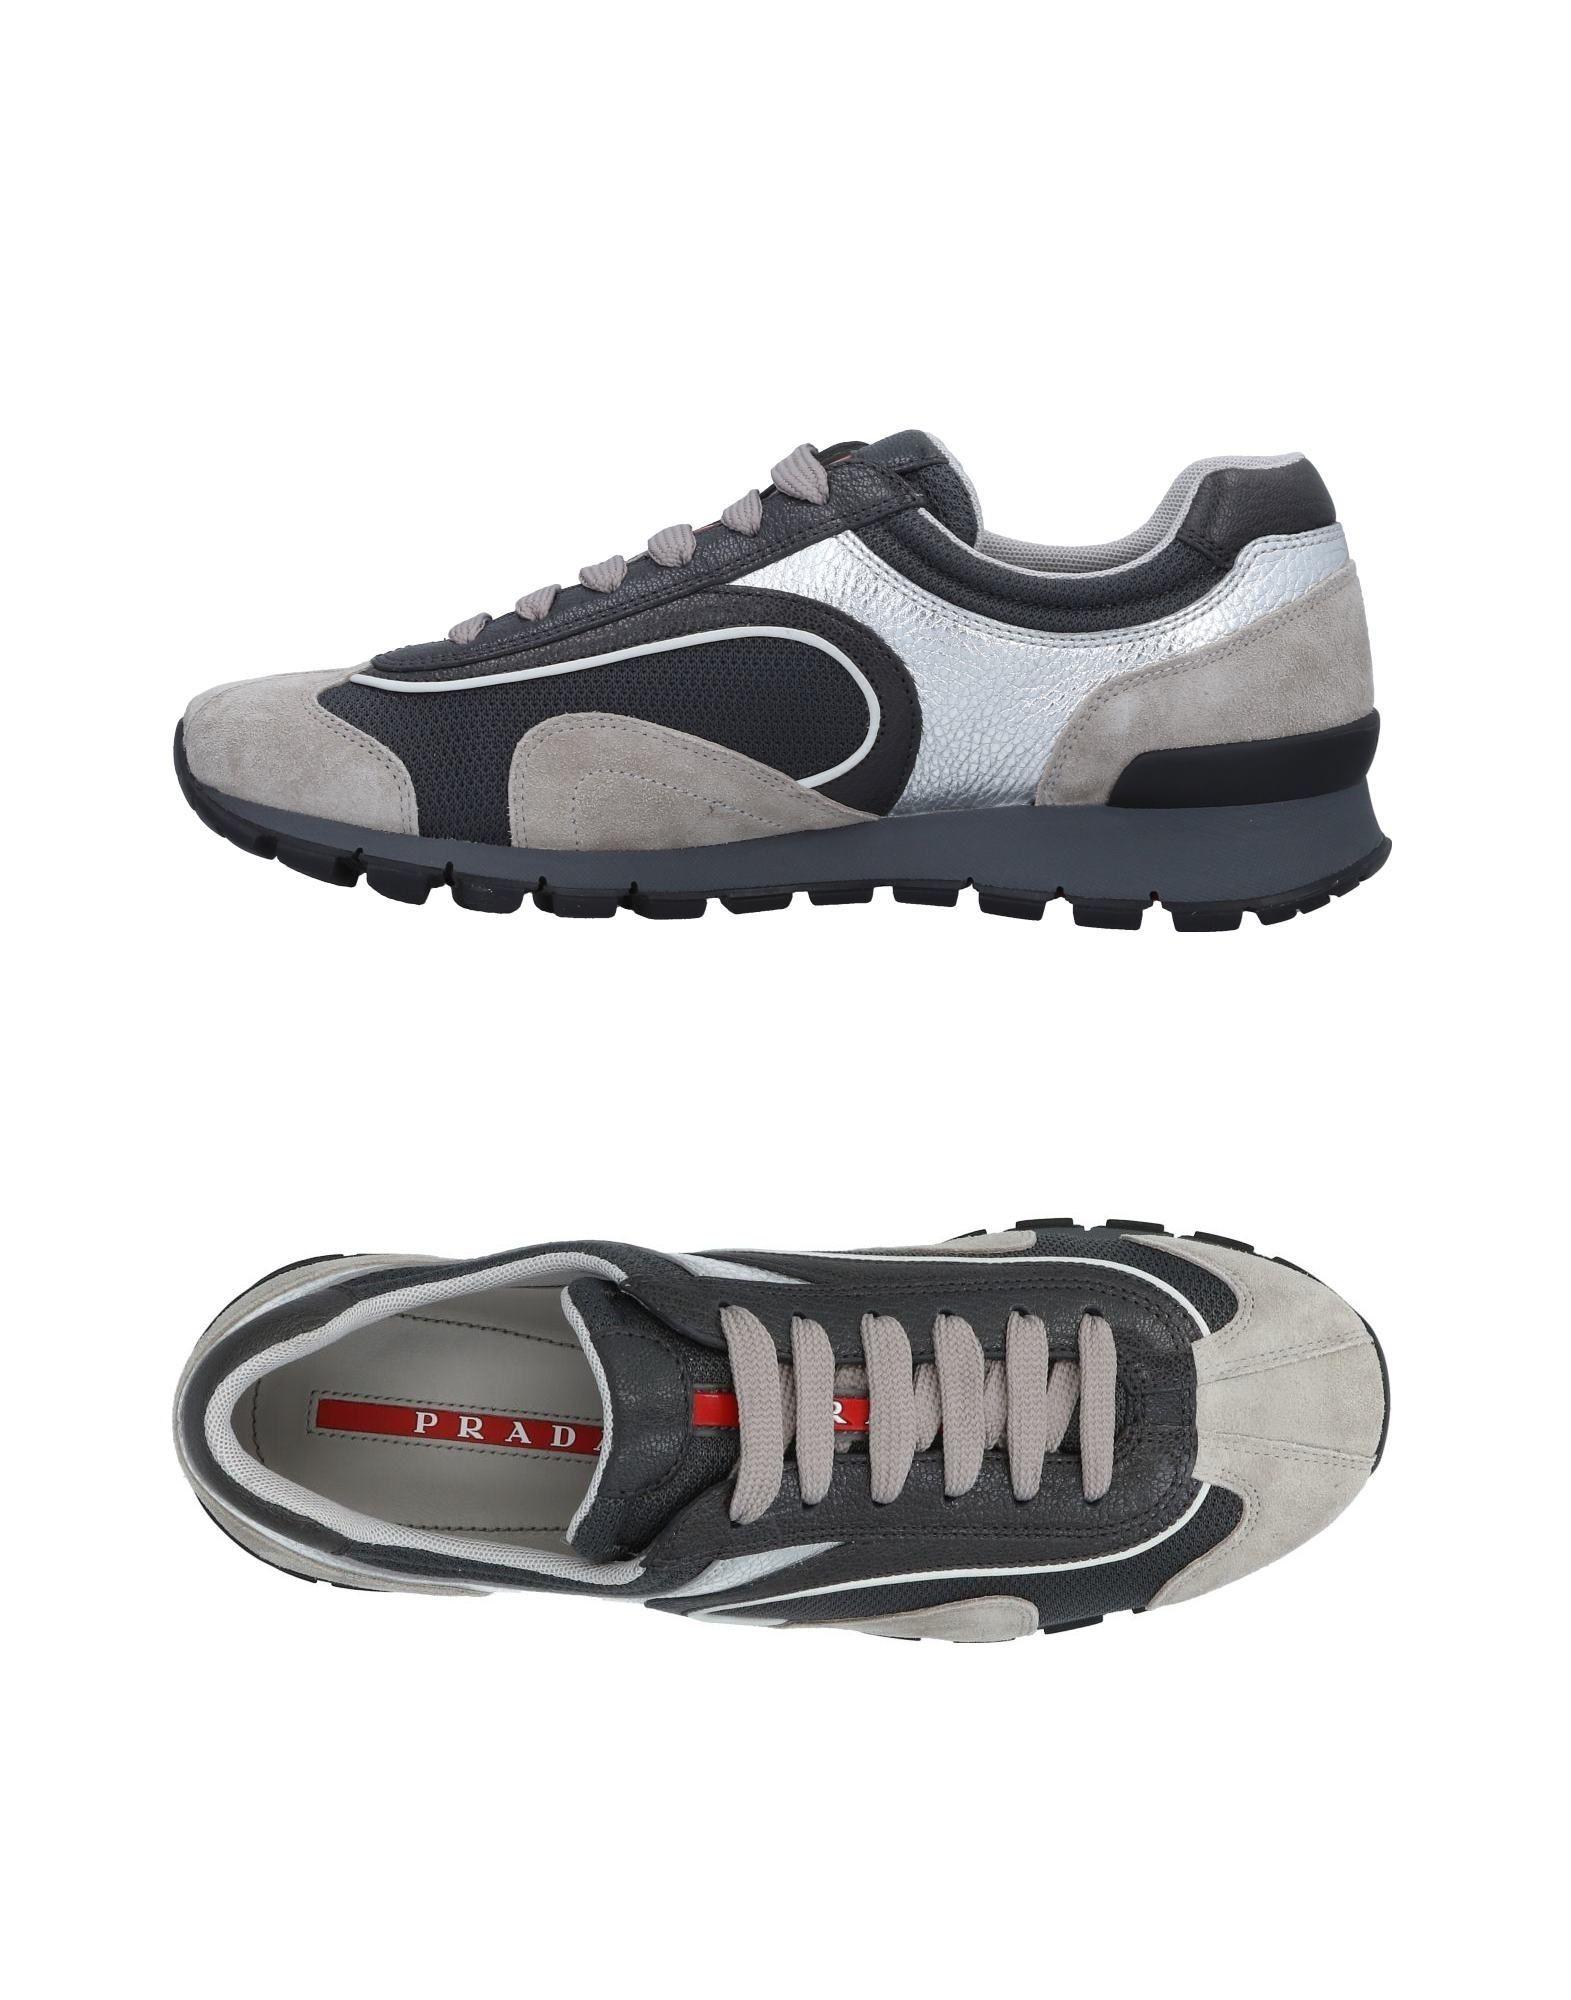 Prada Sport Sneakers Herren Schuhe  11496631QD Neue Schuhe Herren 126b2c